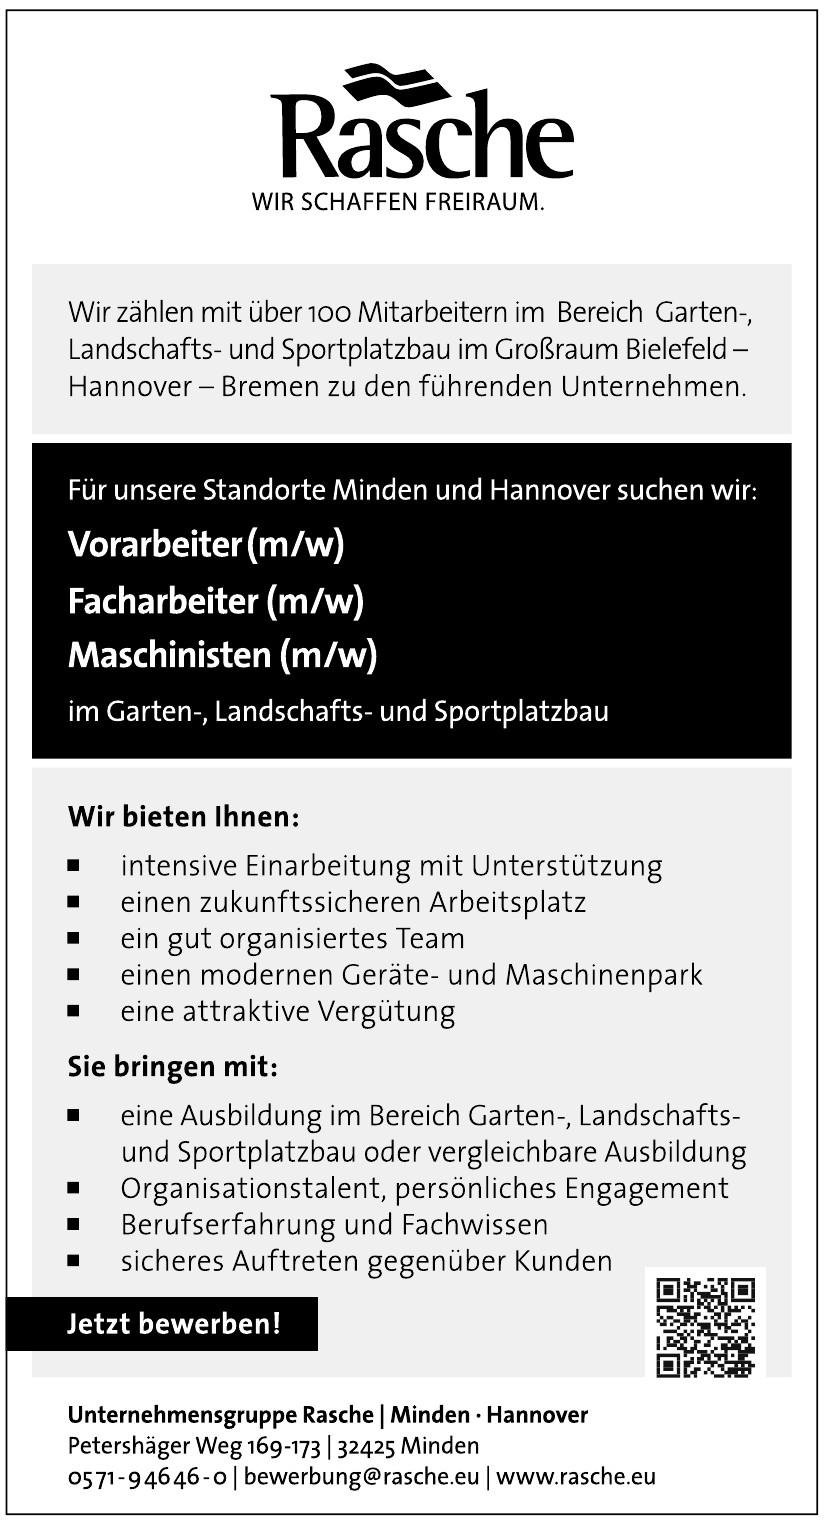 Rasche GmbH